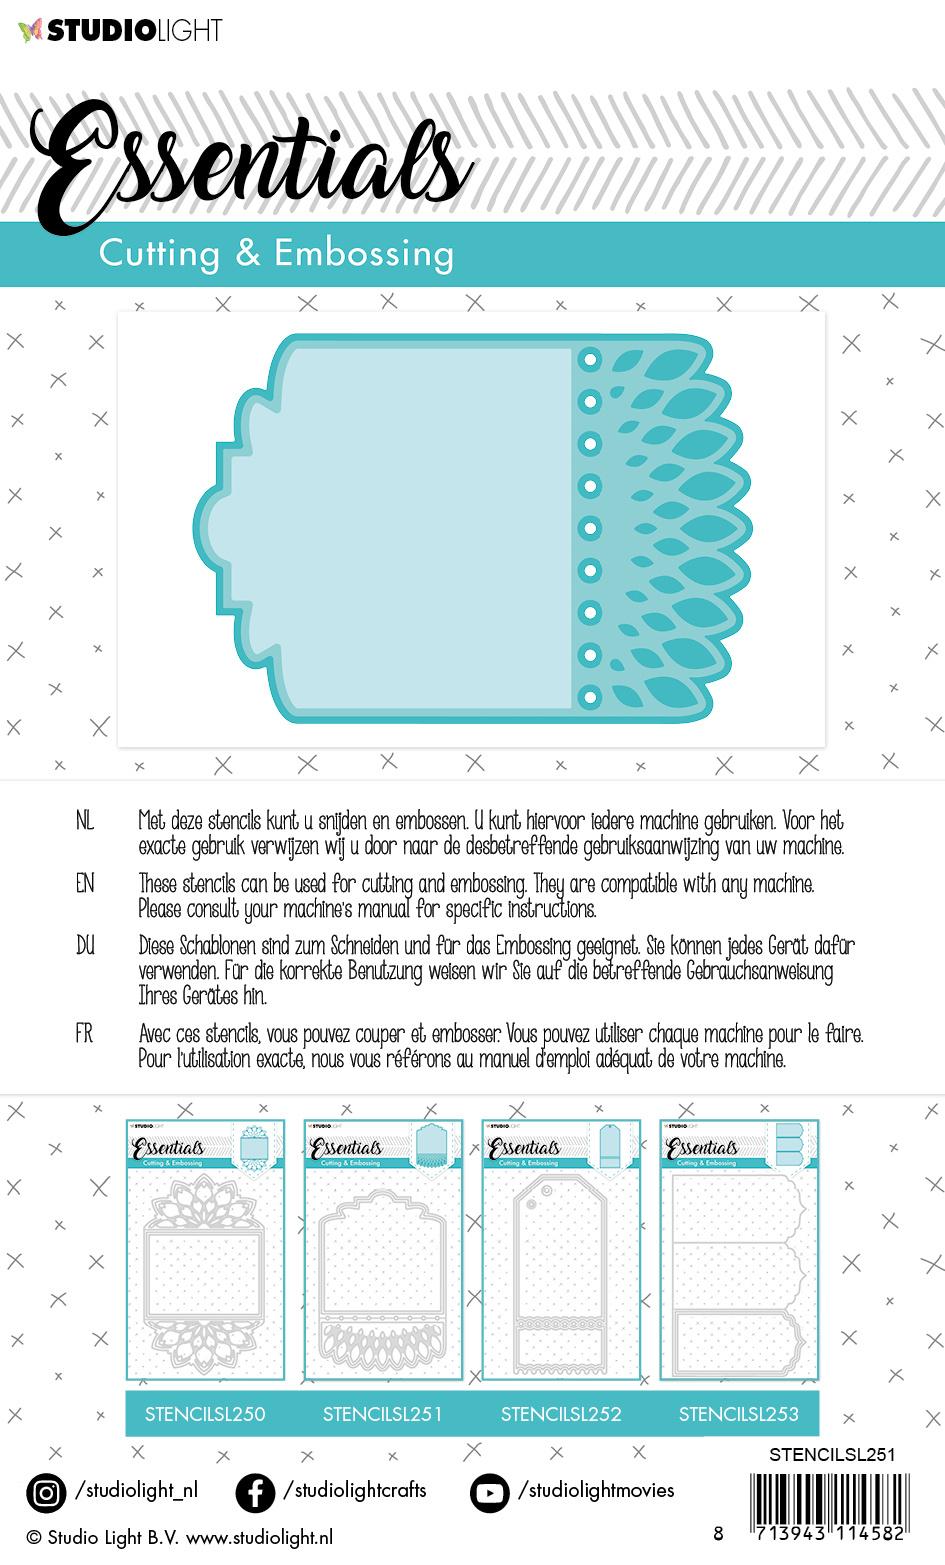 Studiolight Embossing Die Cut Essentials nr.251